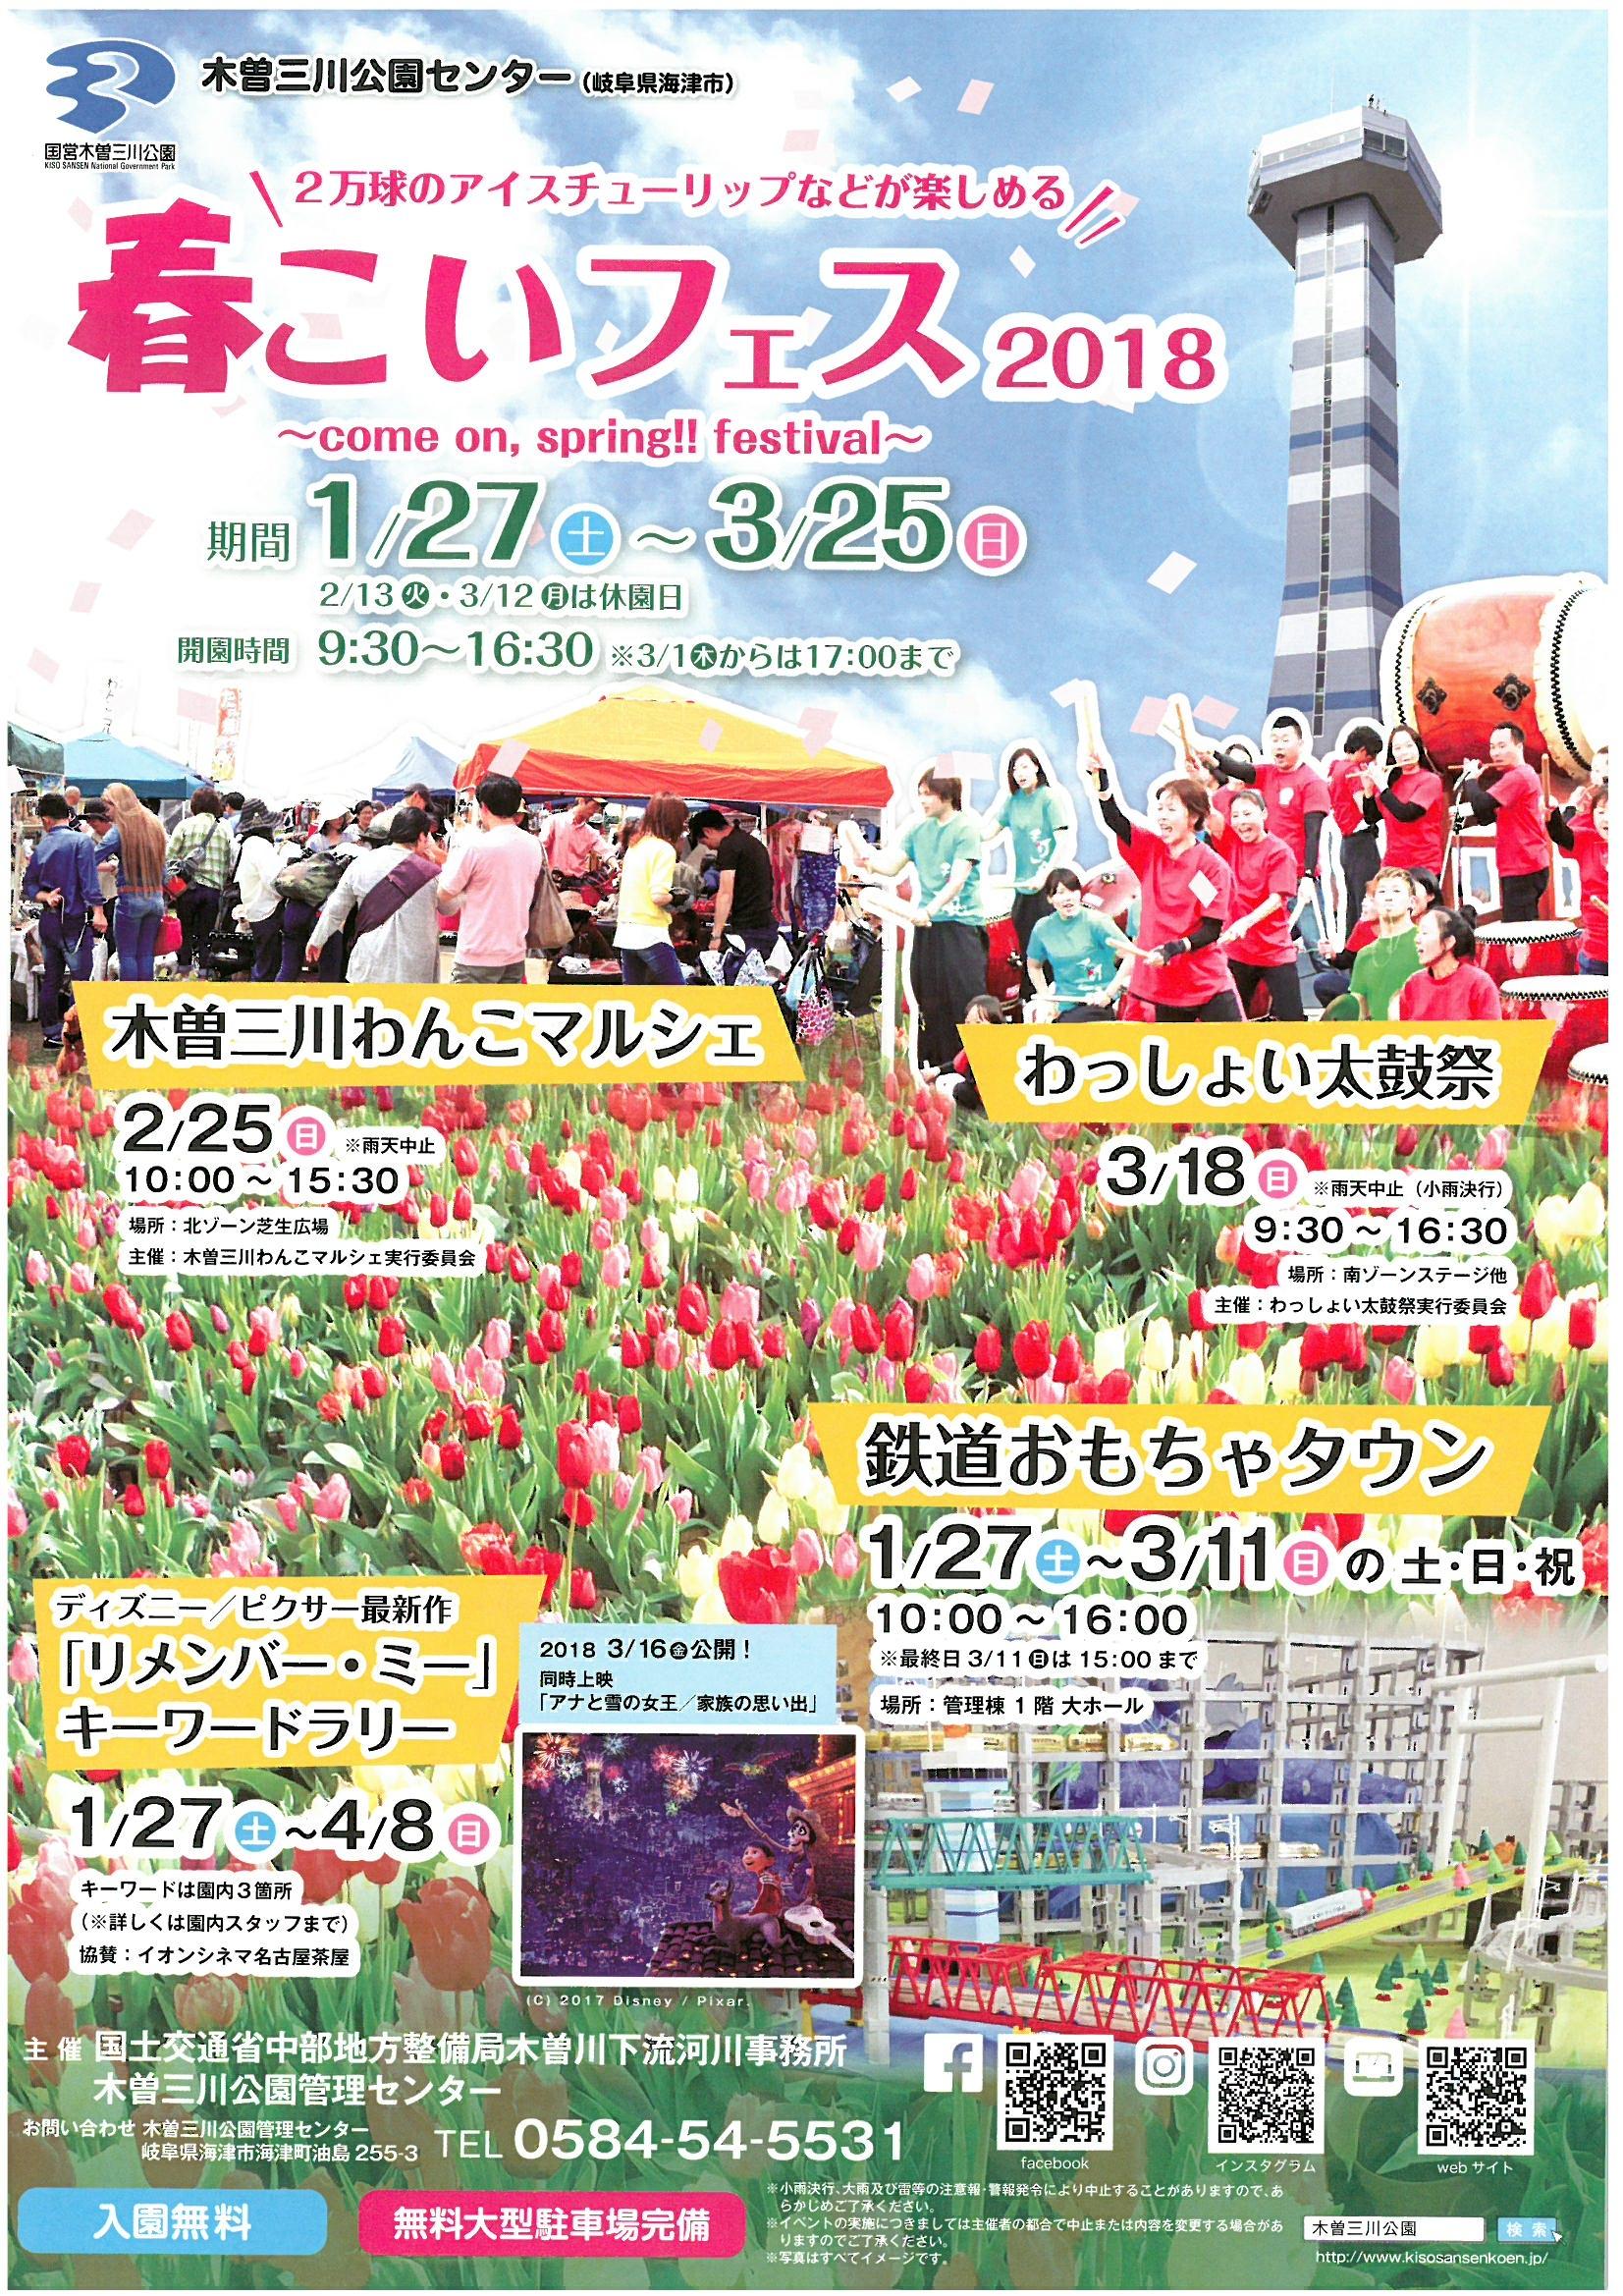 2018春こいフェス